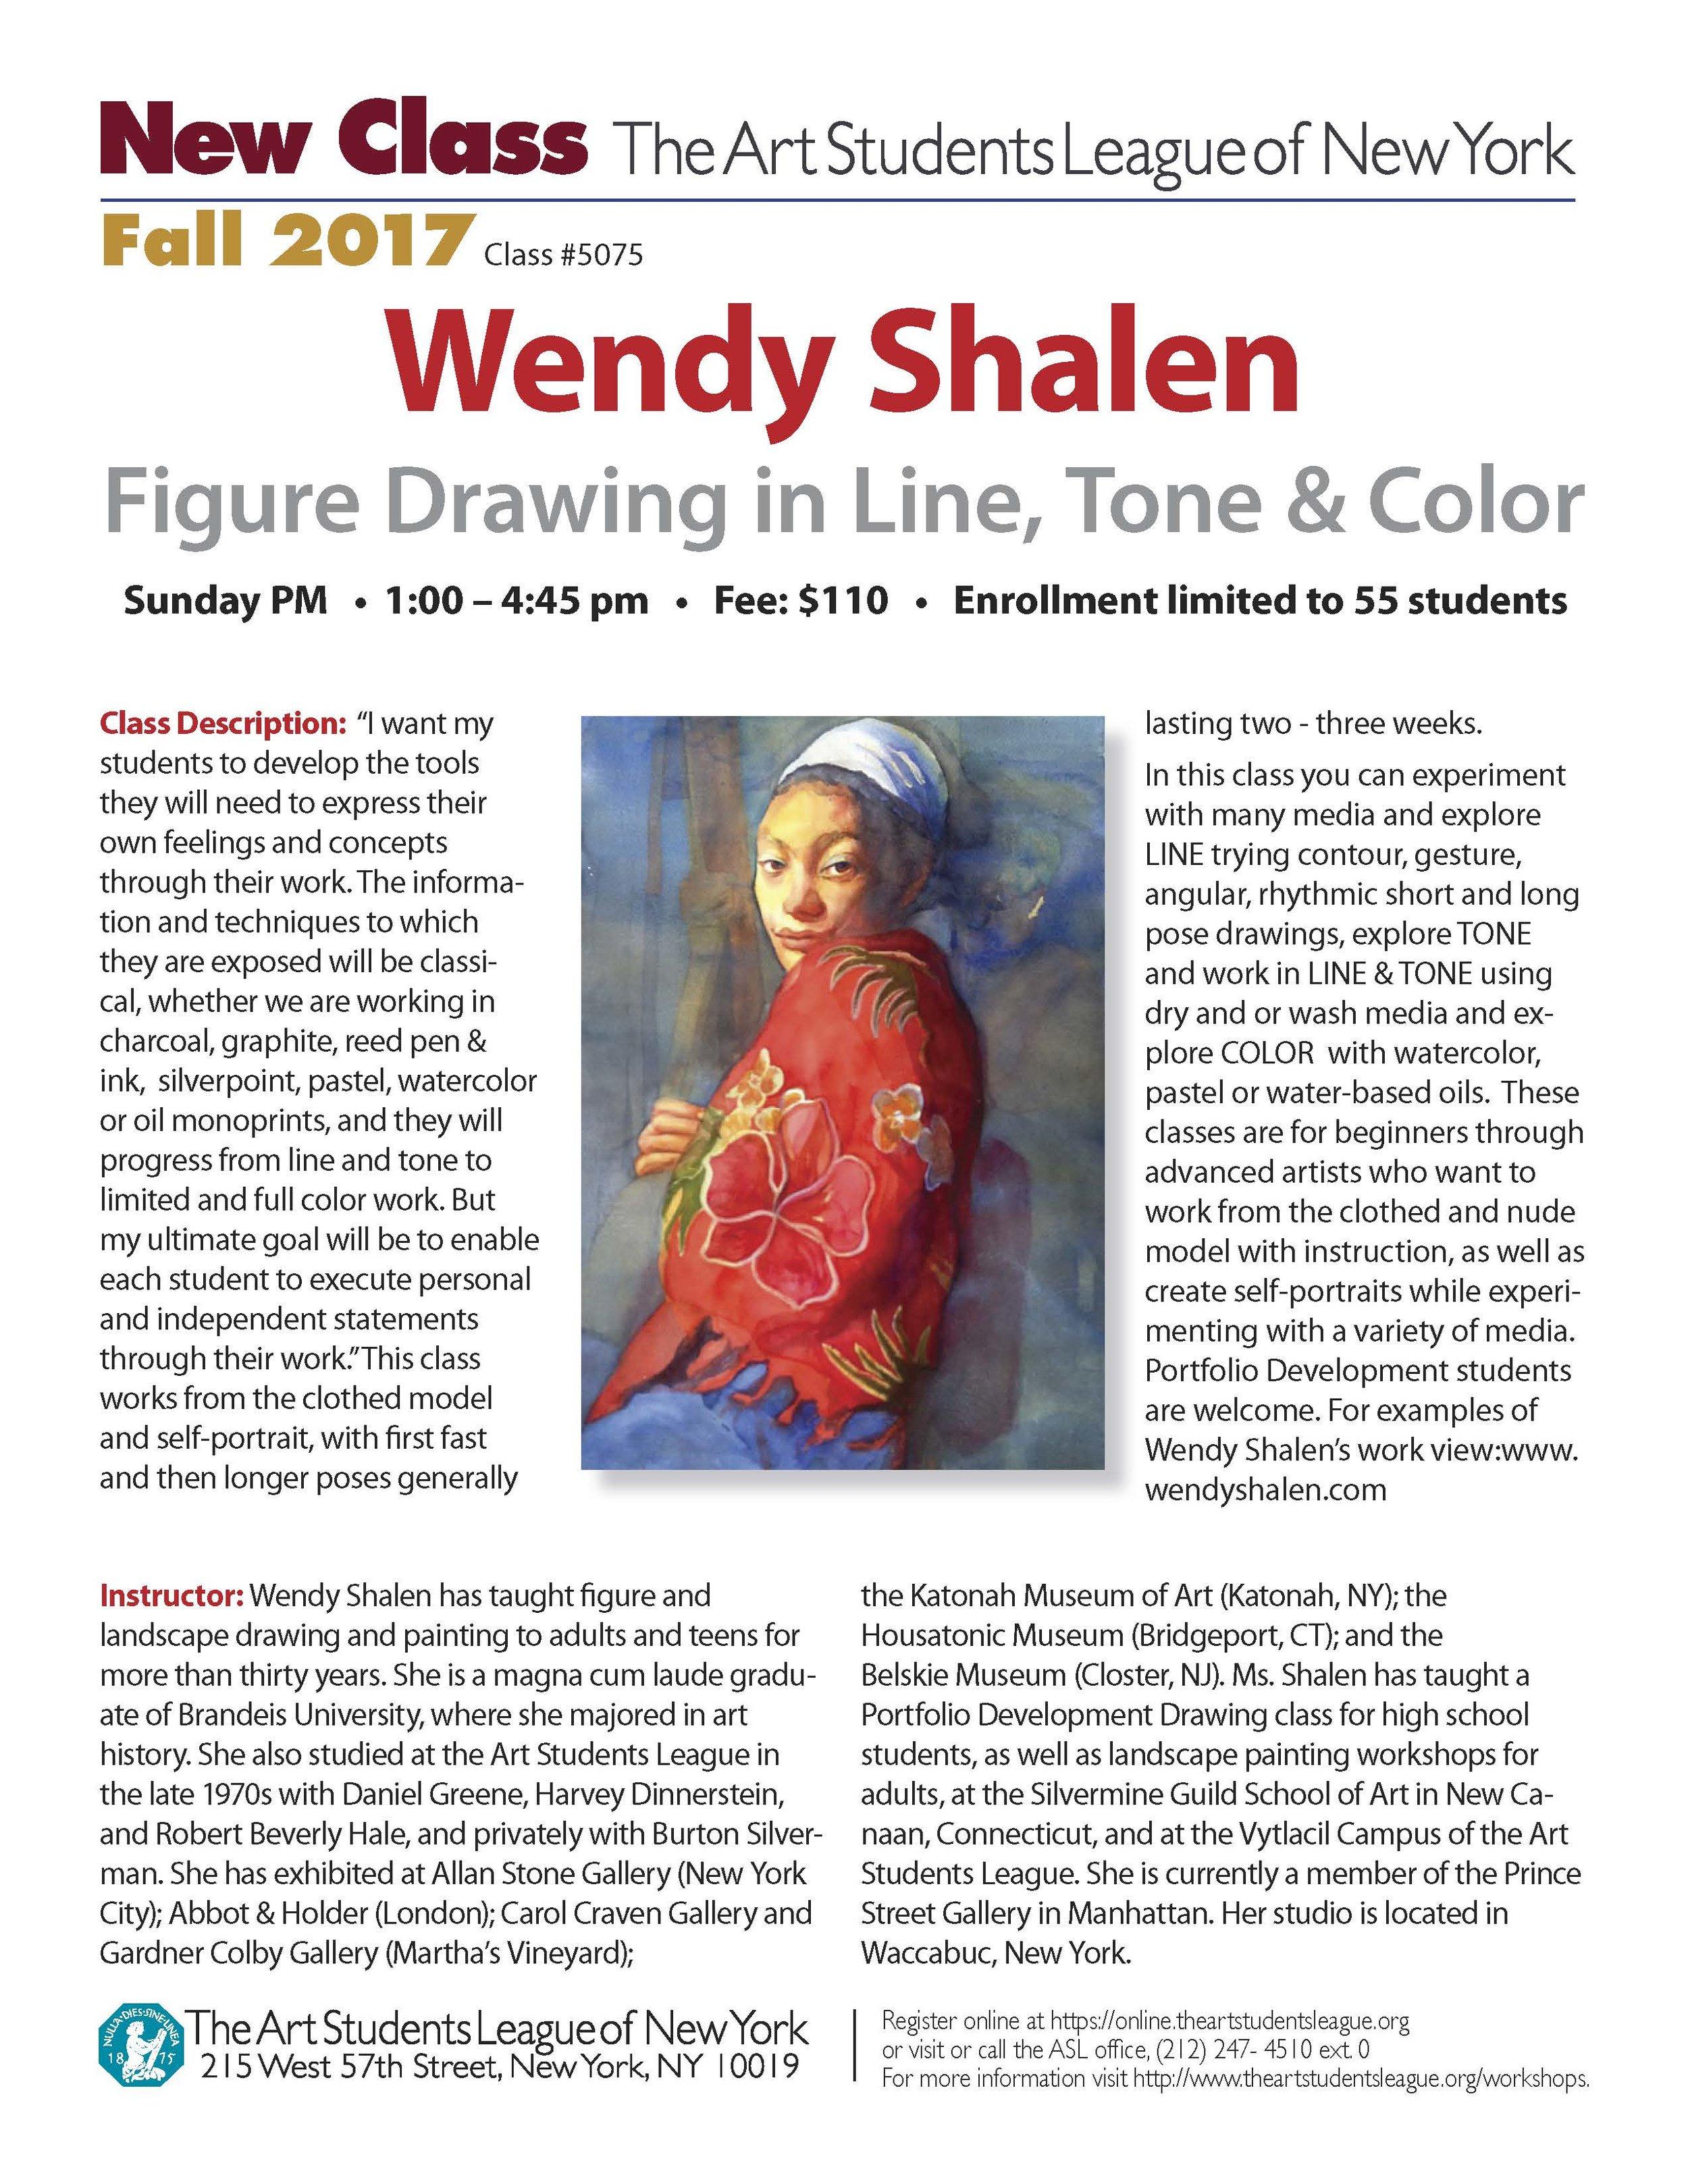 Wendy Shalen New Class - Fall 2017